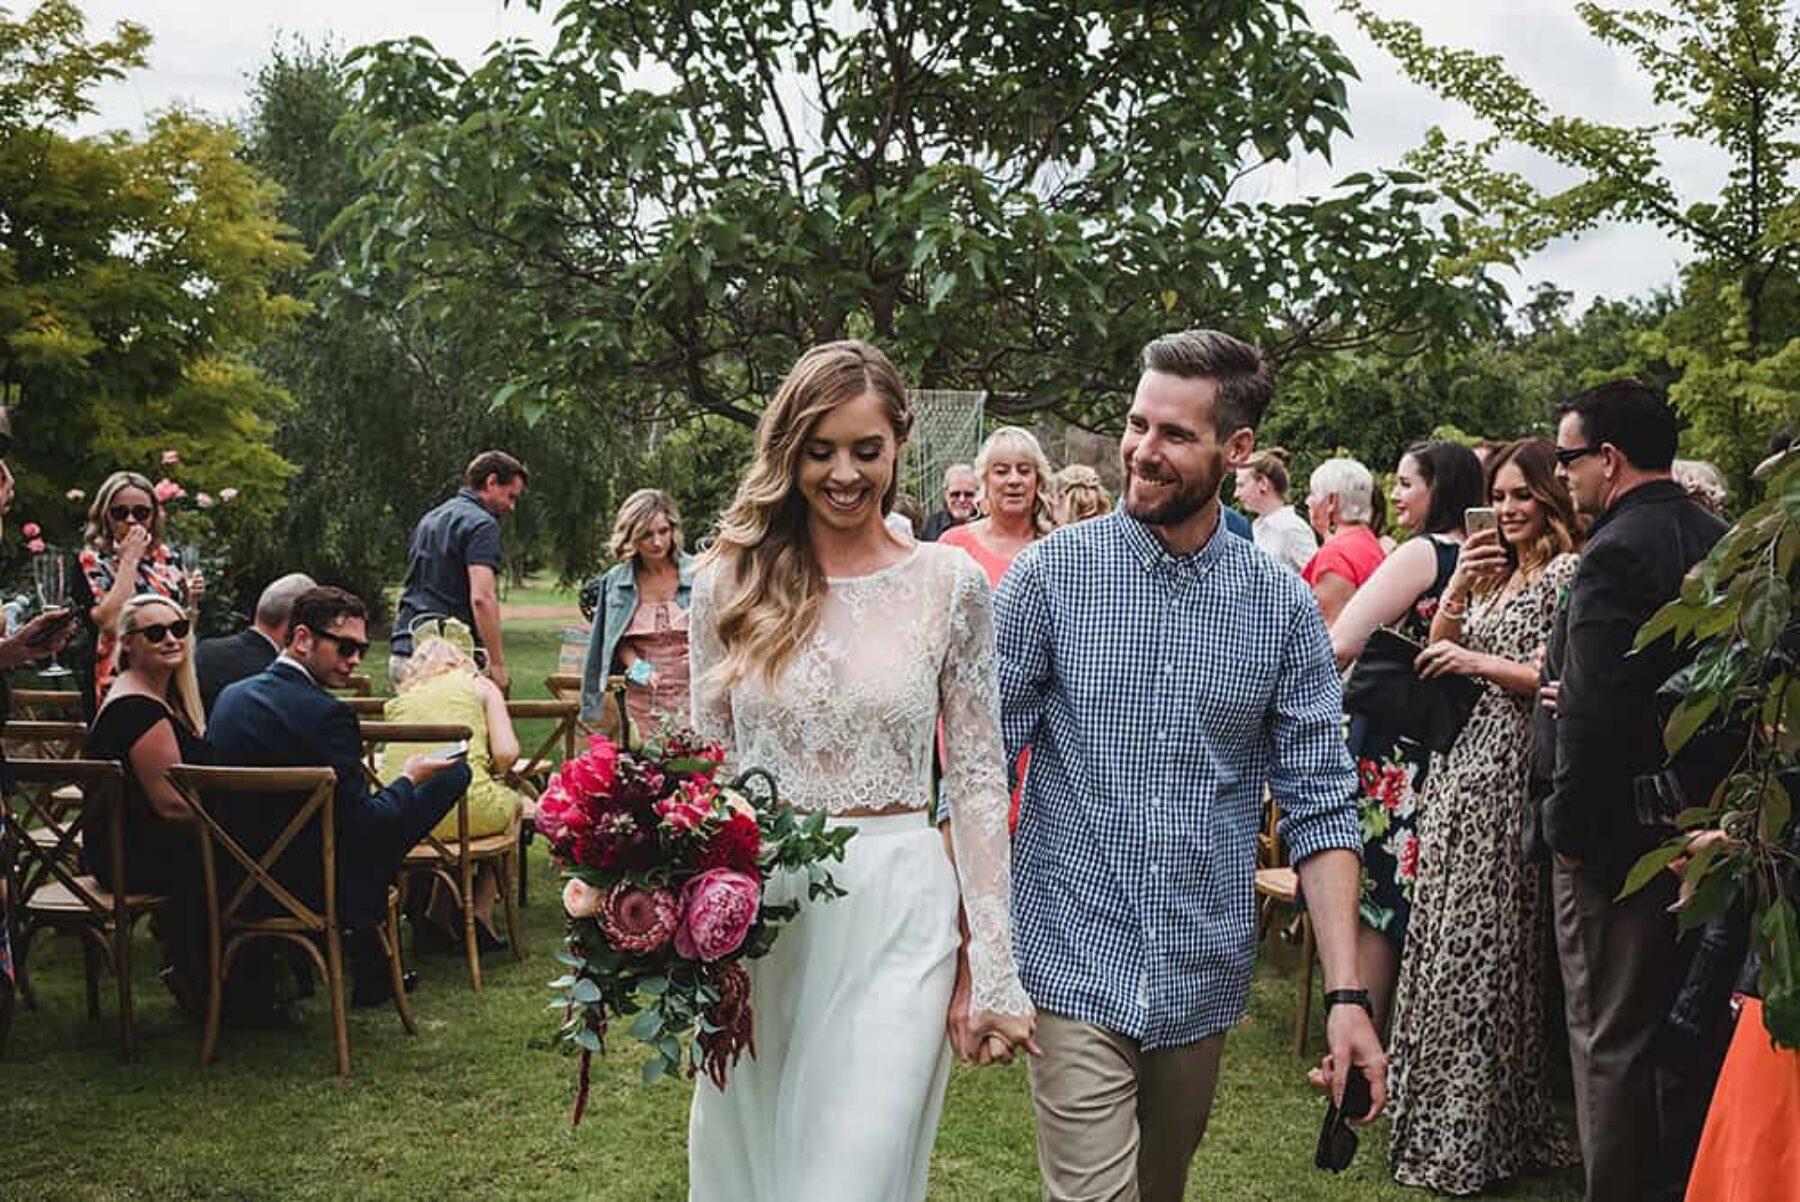 Karen Willis Holmes cropped top wedding dress